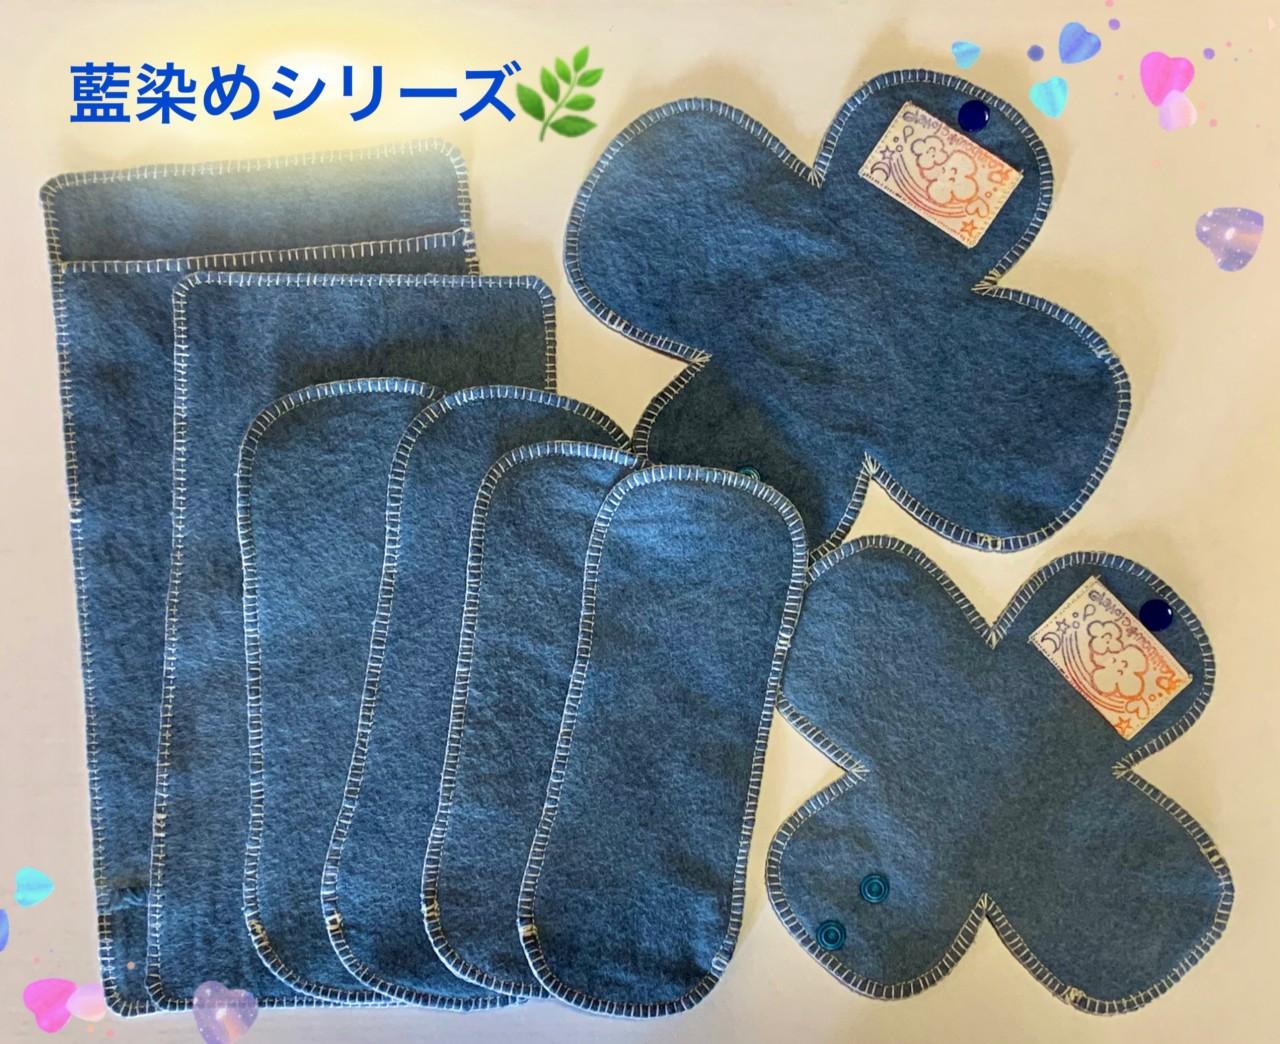 ●Rainbow*clove布ナプキン 温活藍染めパッド【Sサイズ】